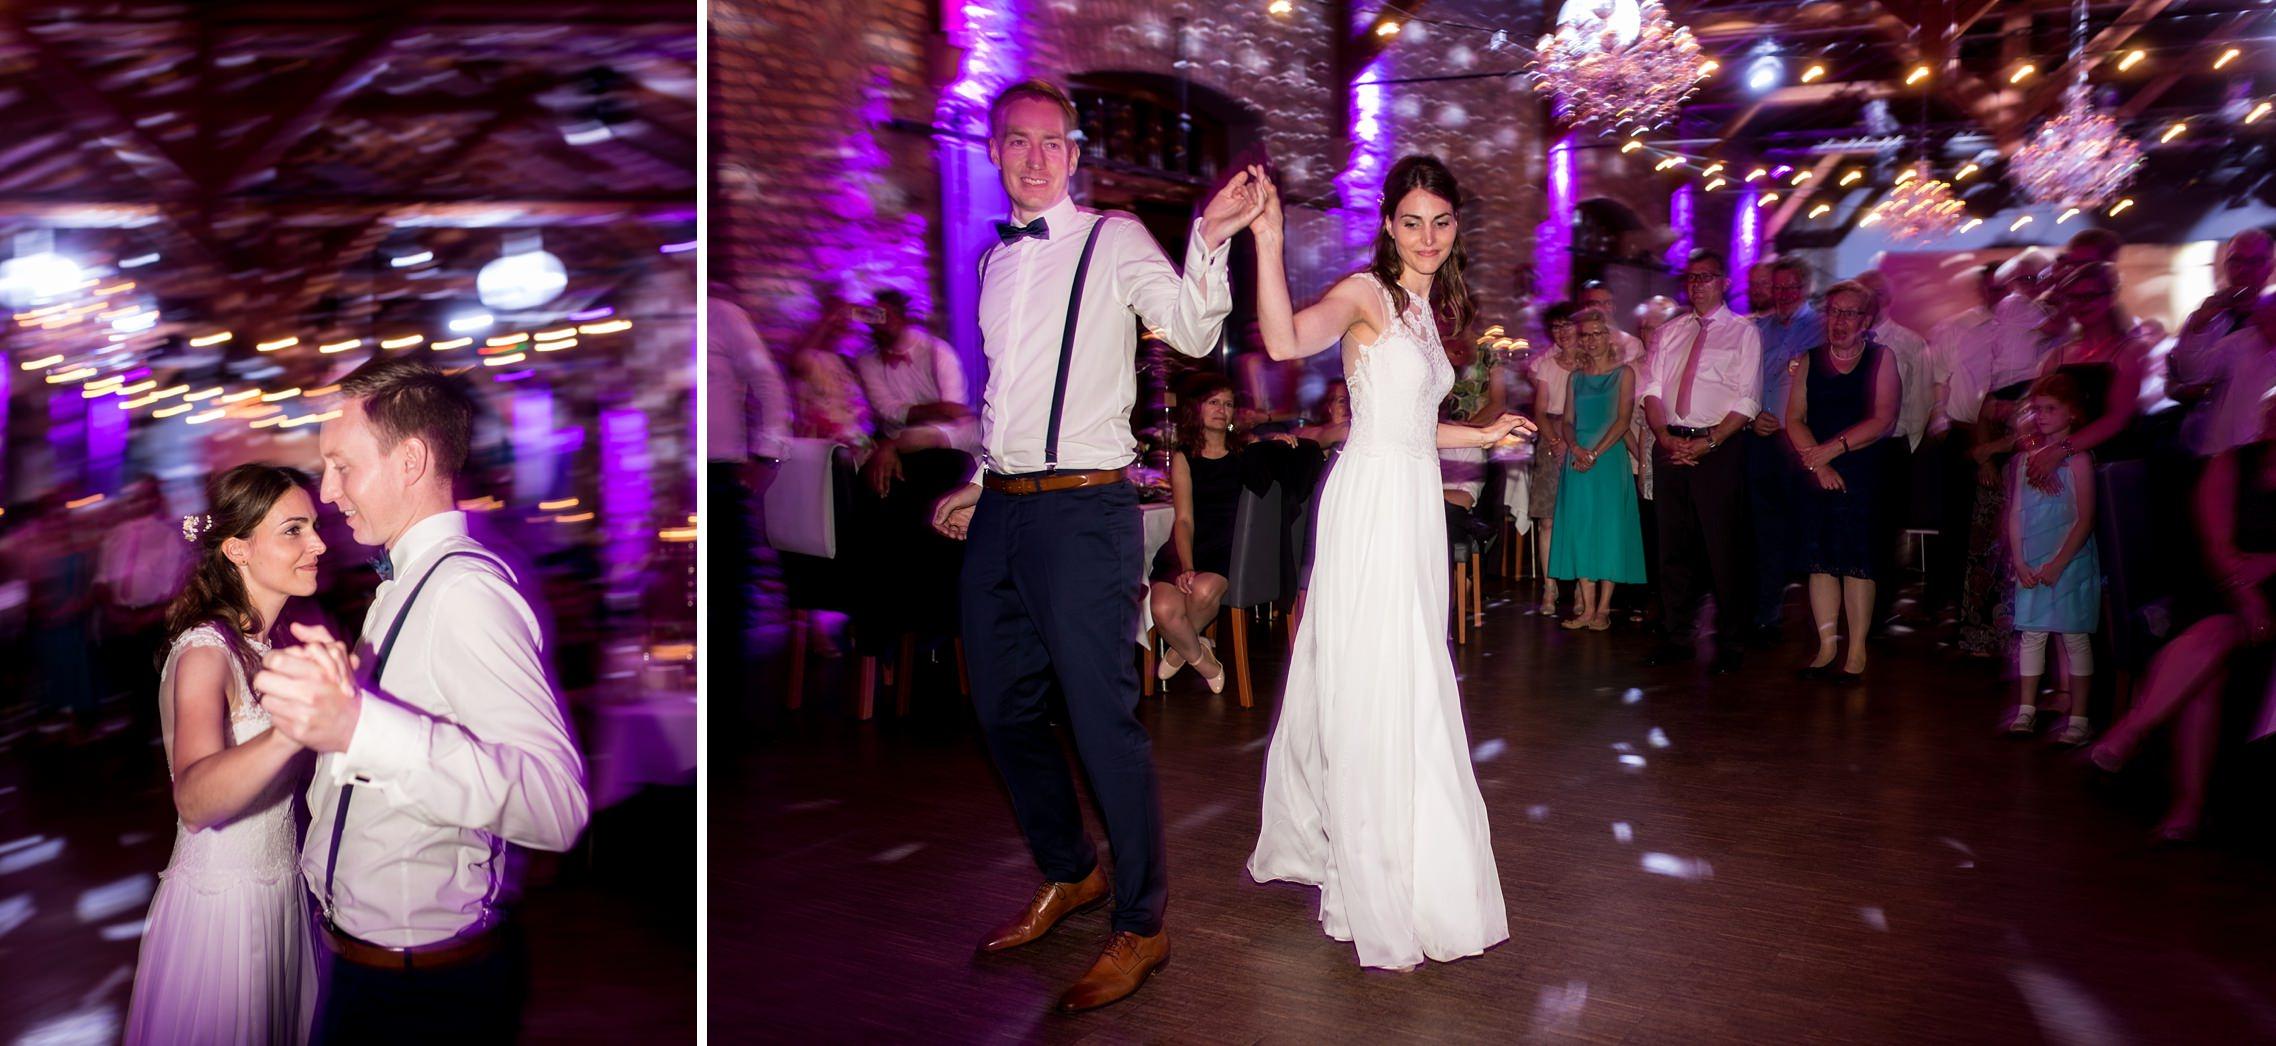 Aufnahmen des Hochzeitstanzes mit einer langen Belichtungszeit und Lichterspuren im Hintergrund.